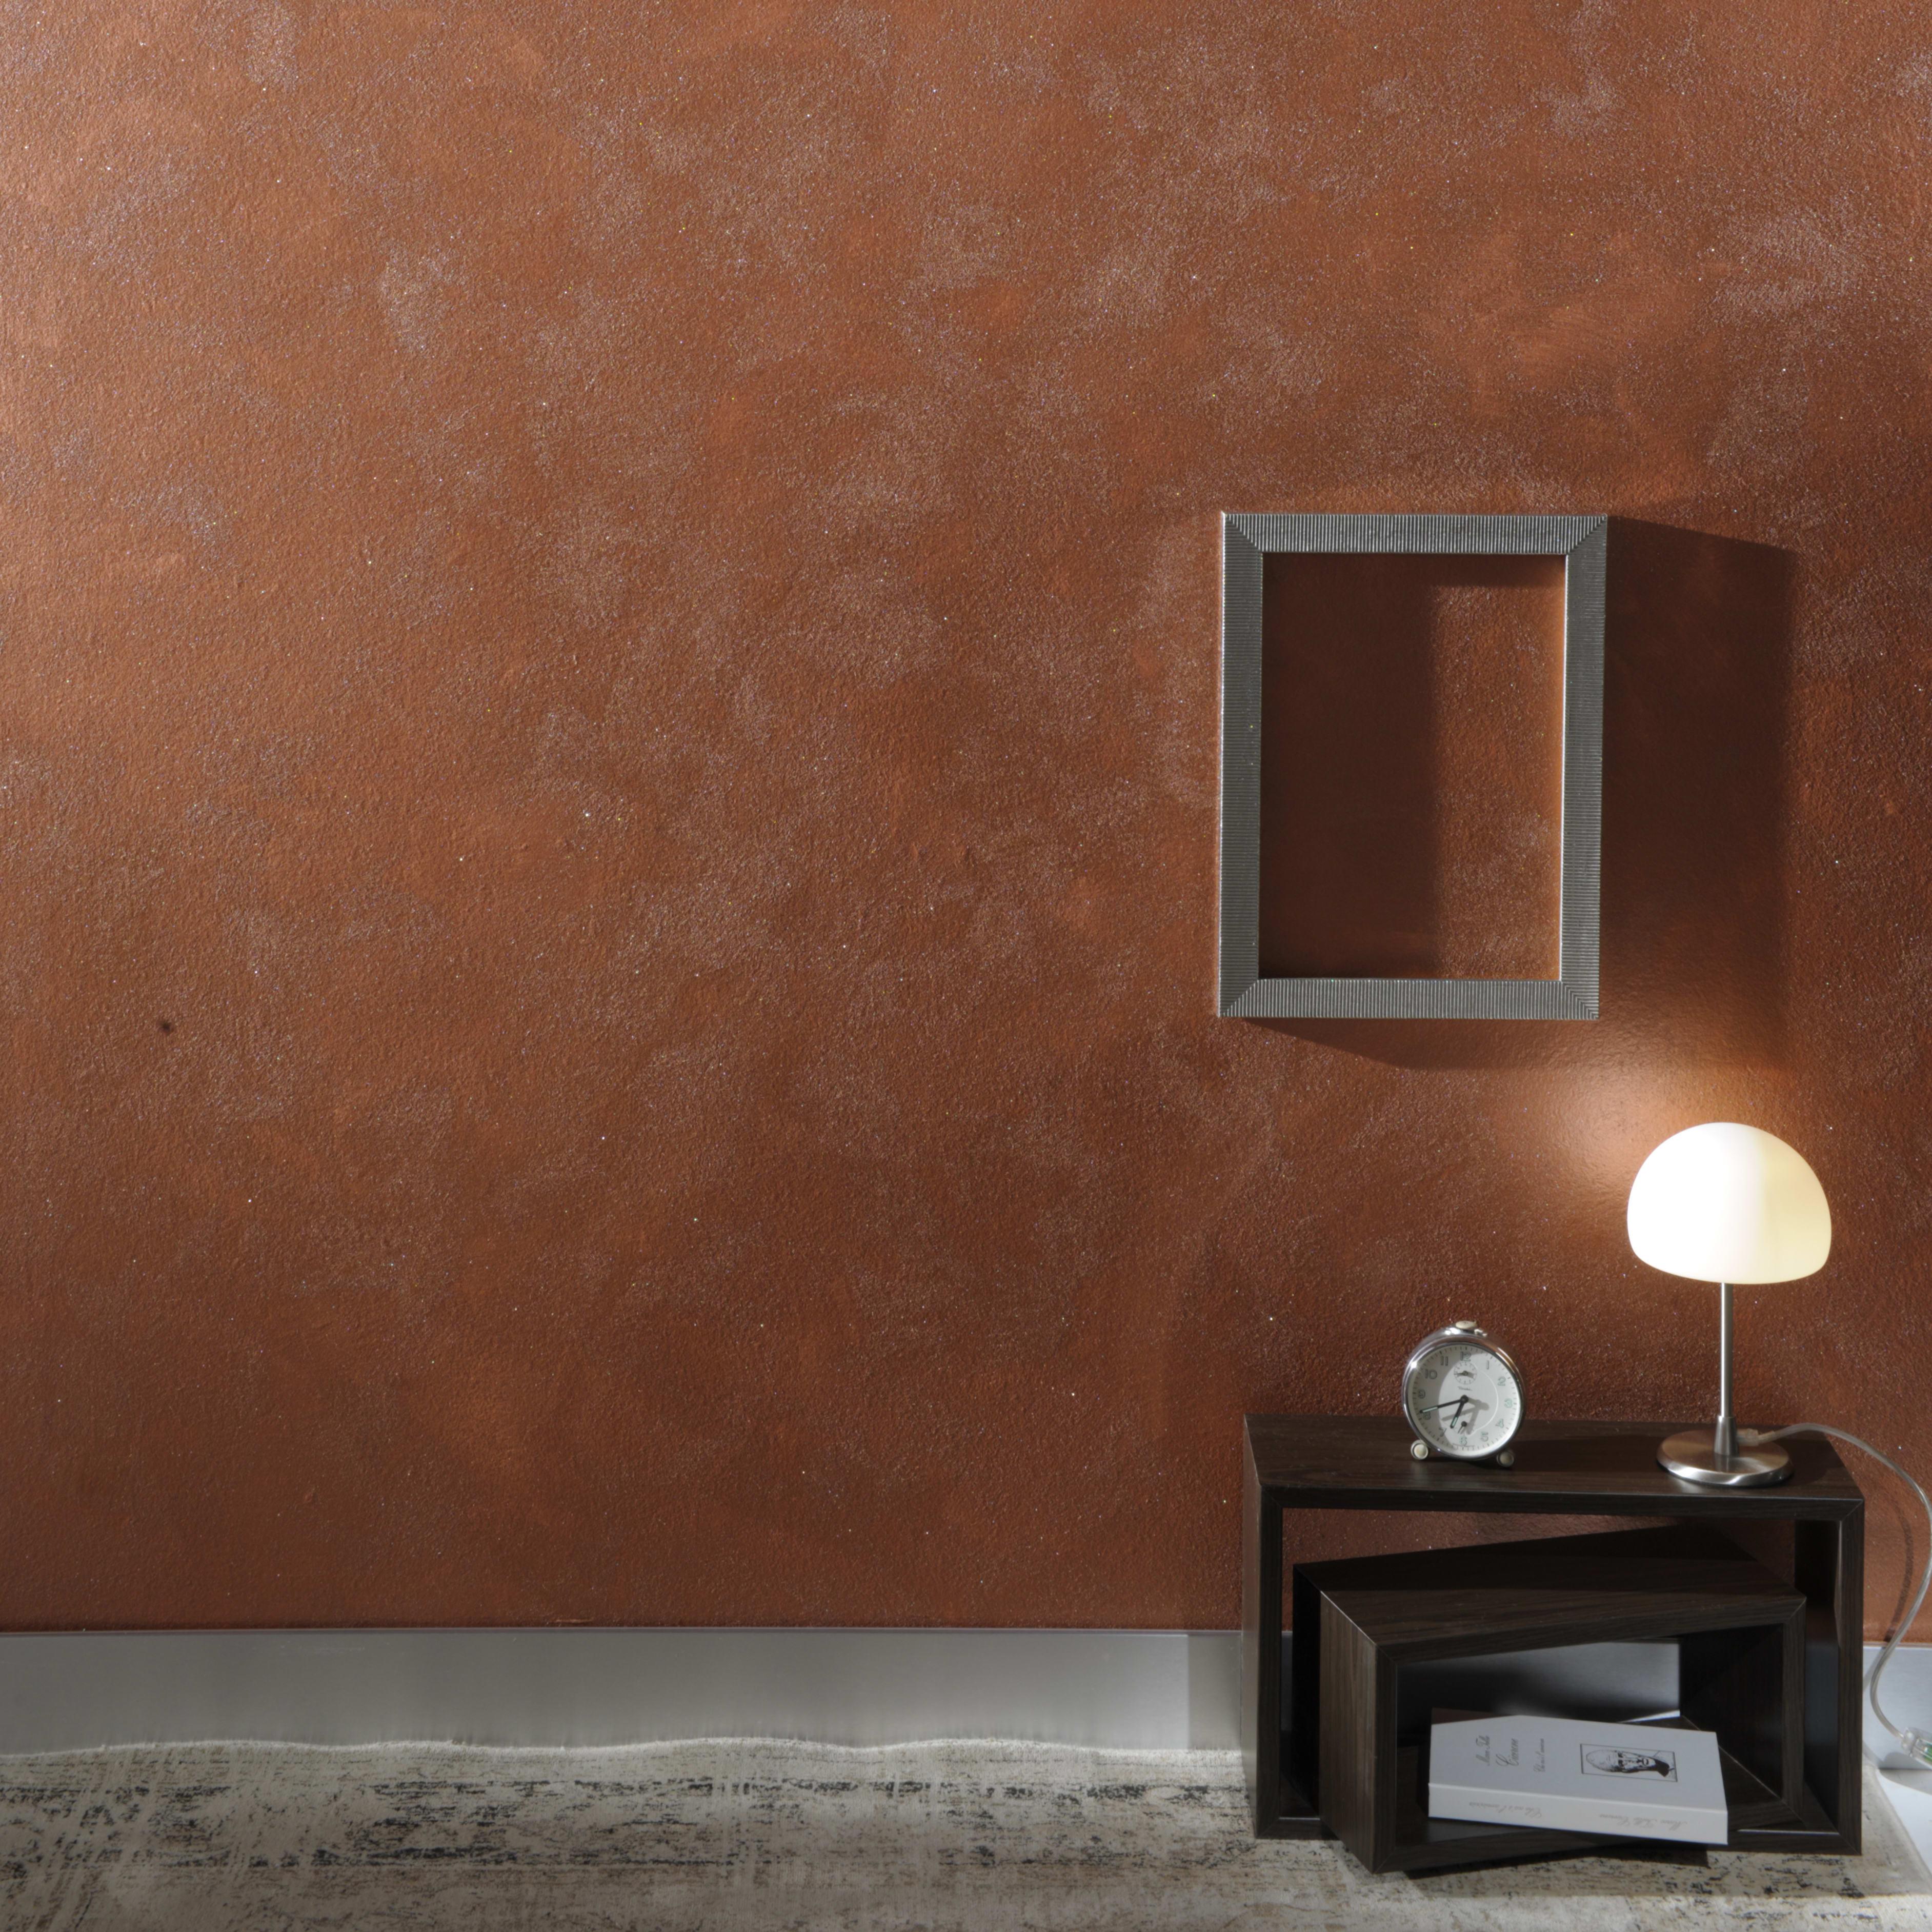 Pittura Ad Effetto Decorativo Metalli Rame 2 L Prezzi E Offerte